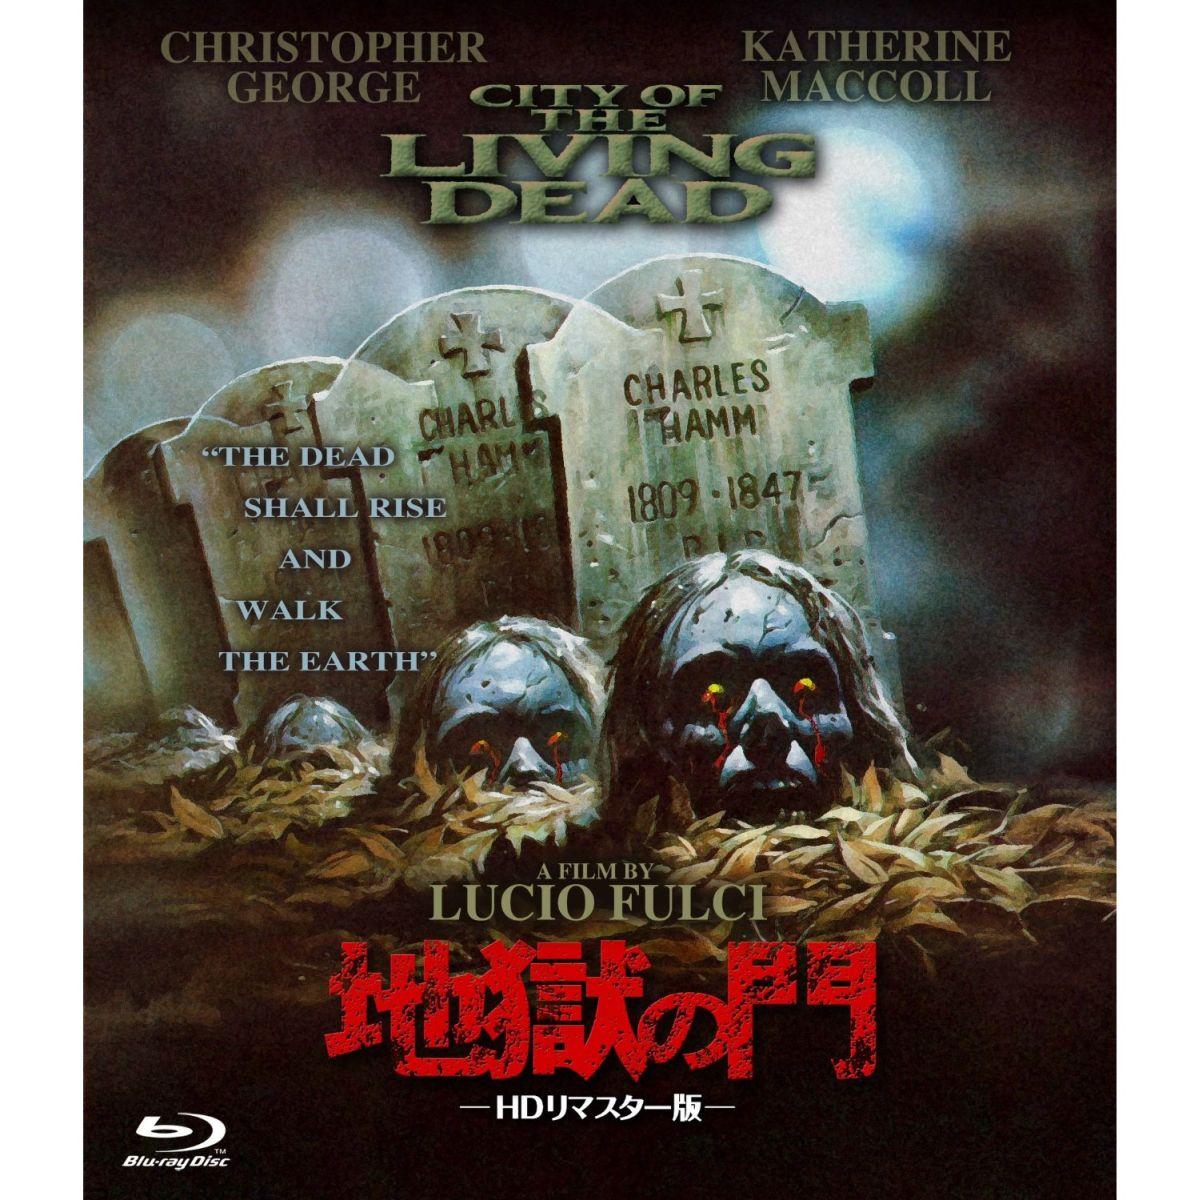 ホラー・マニアックスシリーズ 第7期 第2弾 地獄の門 HDリマスター版[BBXF-2066][Blu-ray/ブルーレイ]